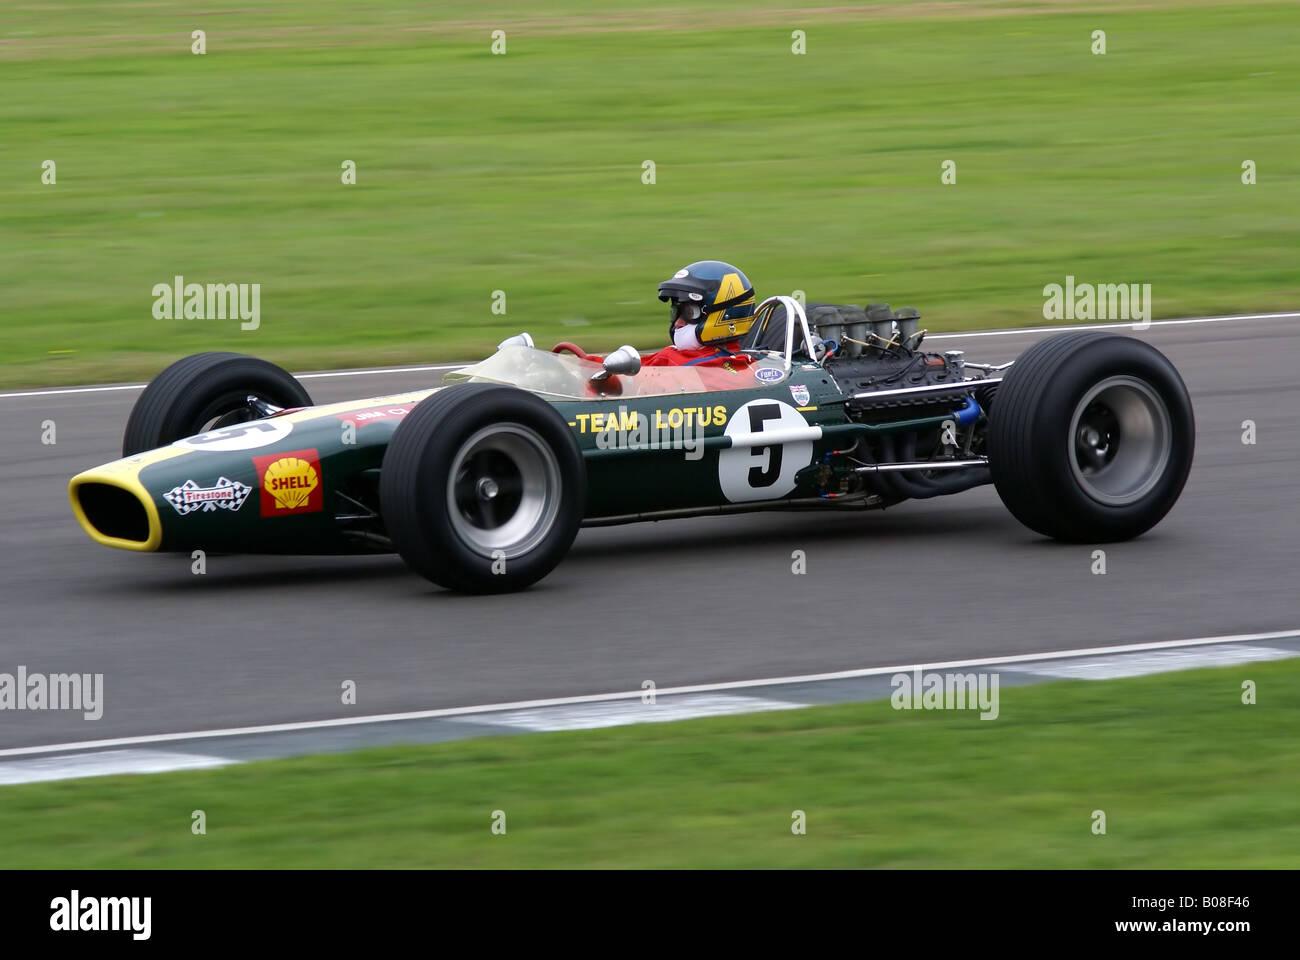 Classic Lotus Formula 1 Racing Car Stock Photo: 17397862 - Alamy